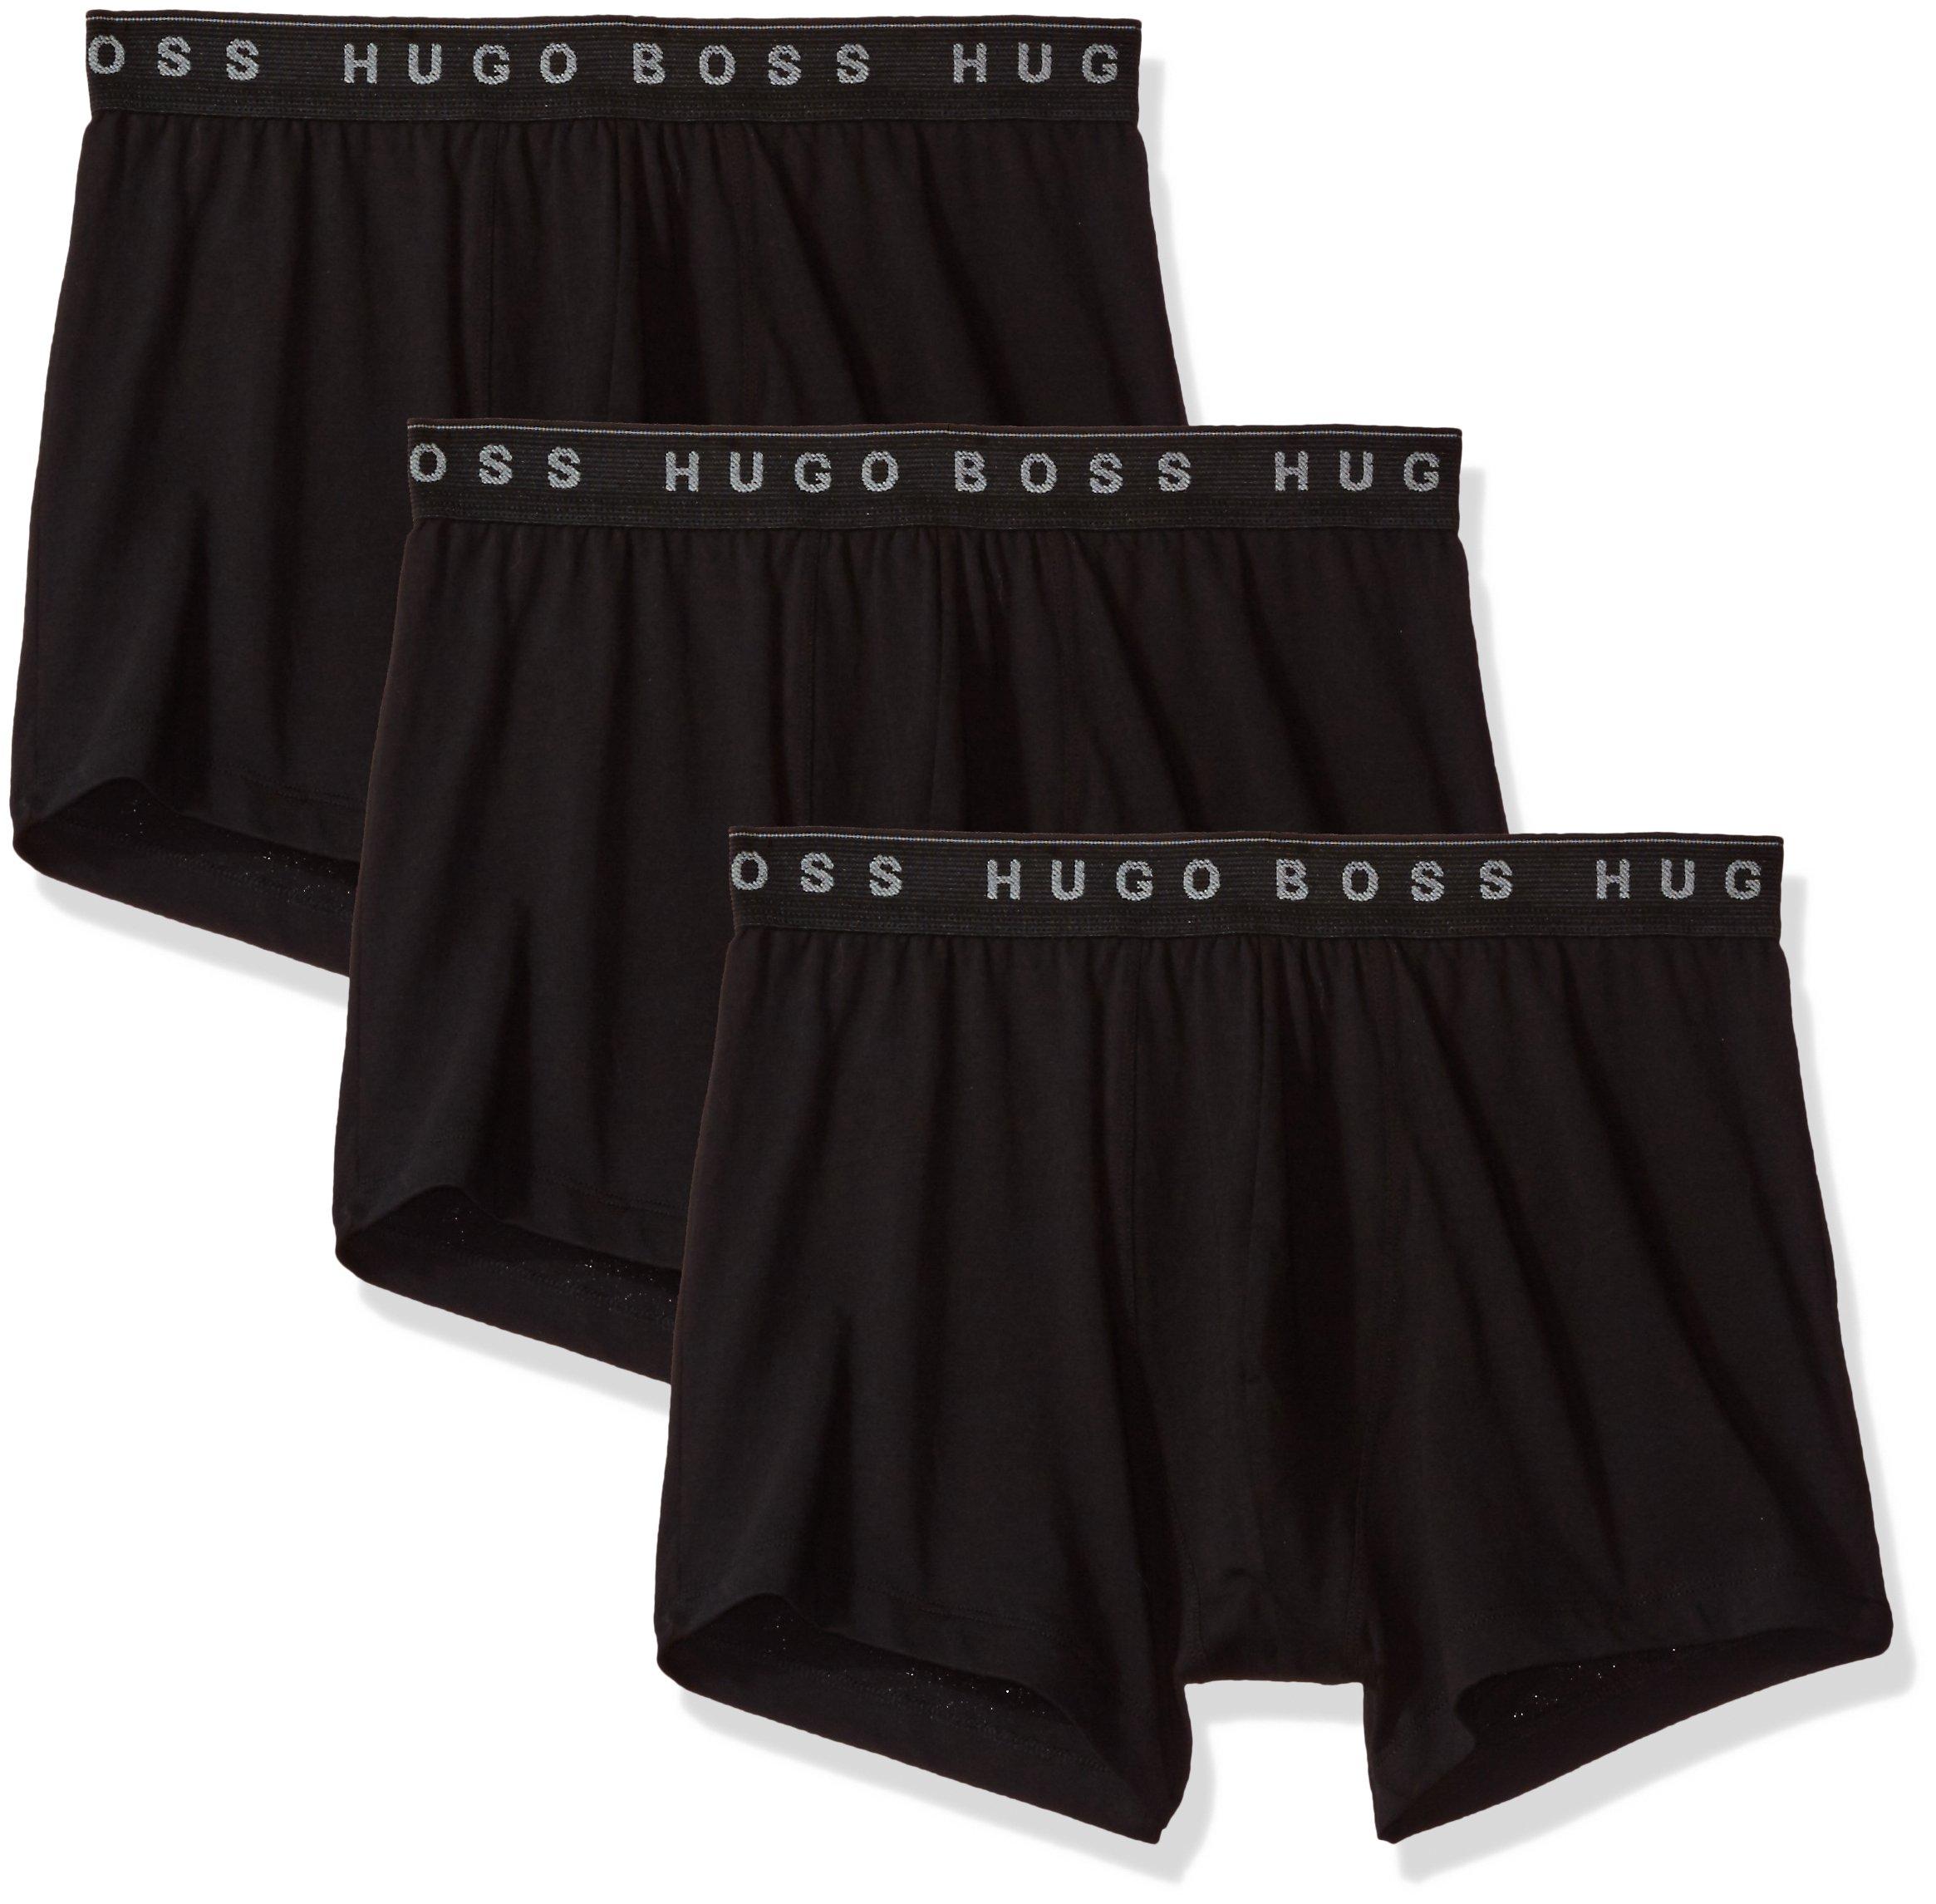 Hugo Boss BOSS Men's 3-Pack Cotton Trunk, New Black, Large